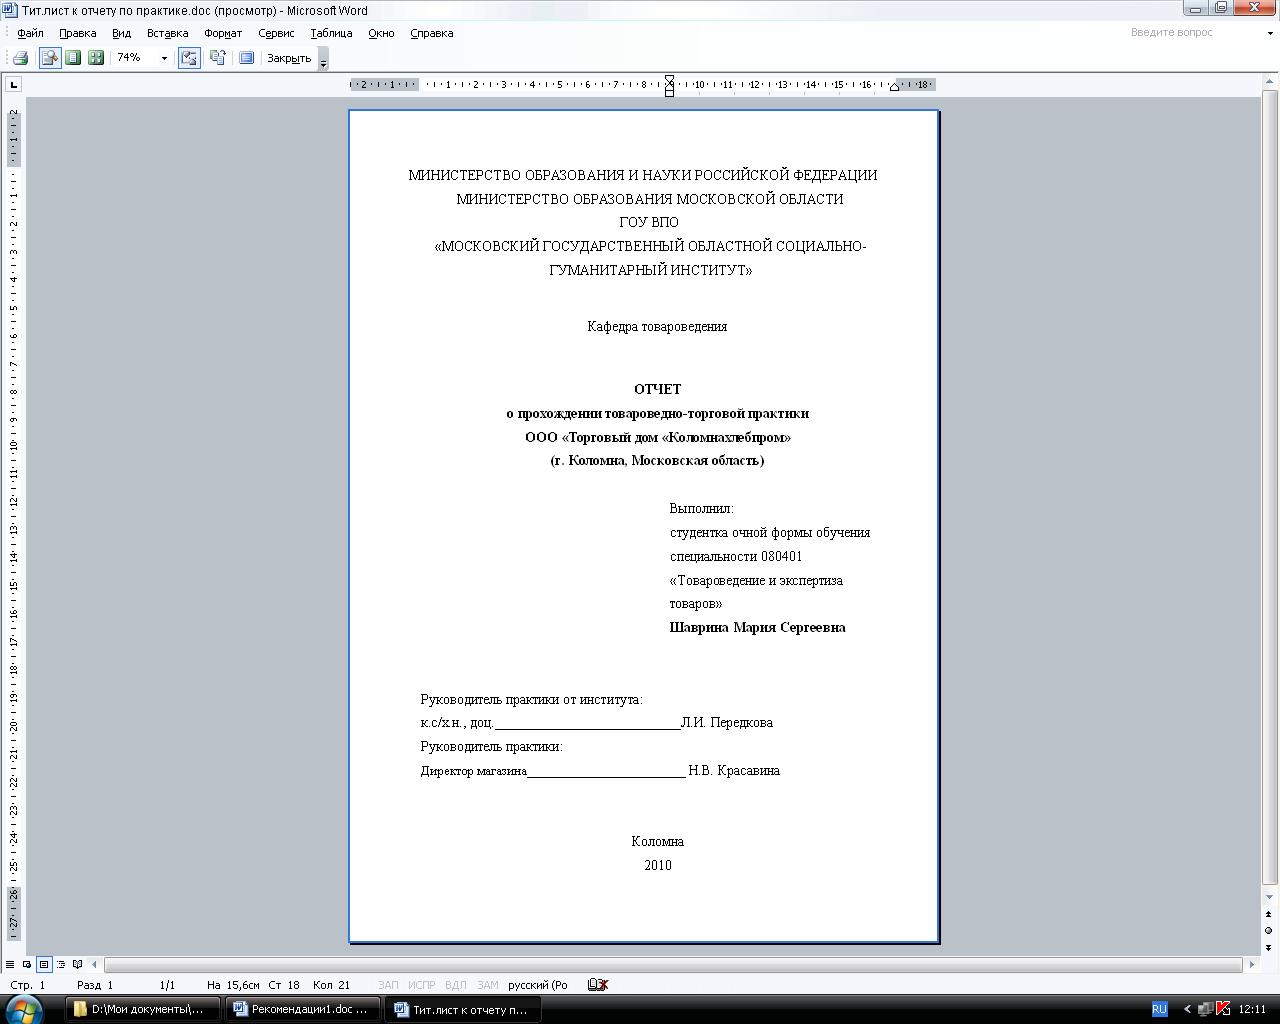 Список использованной литературы Образец оформления титульного листа для отчета о прохождении товароведно технологической ознакомительной товароведно торговой практики